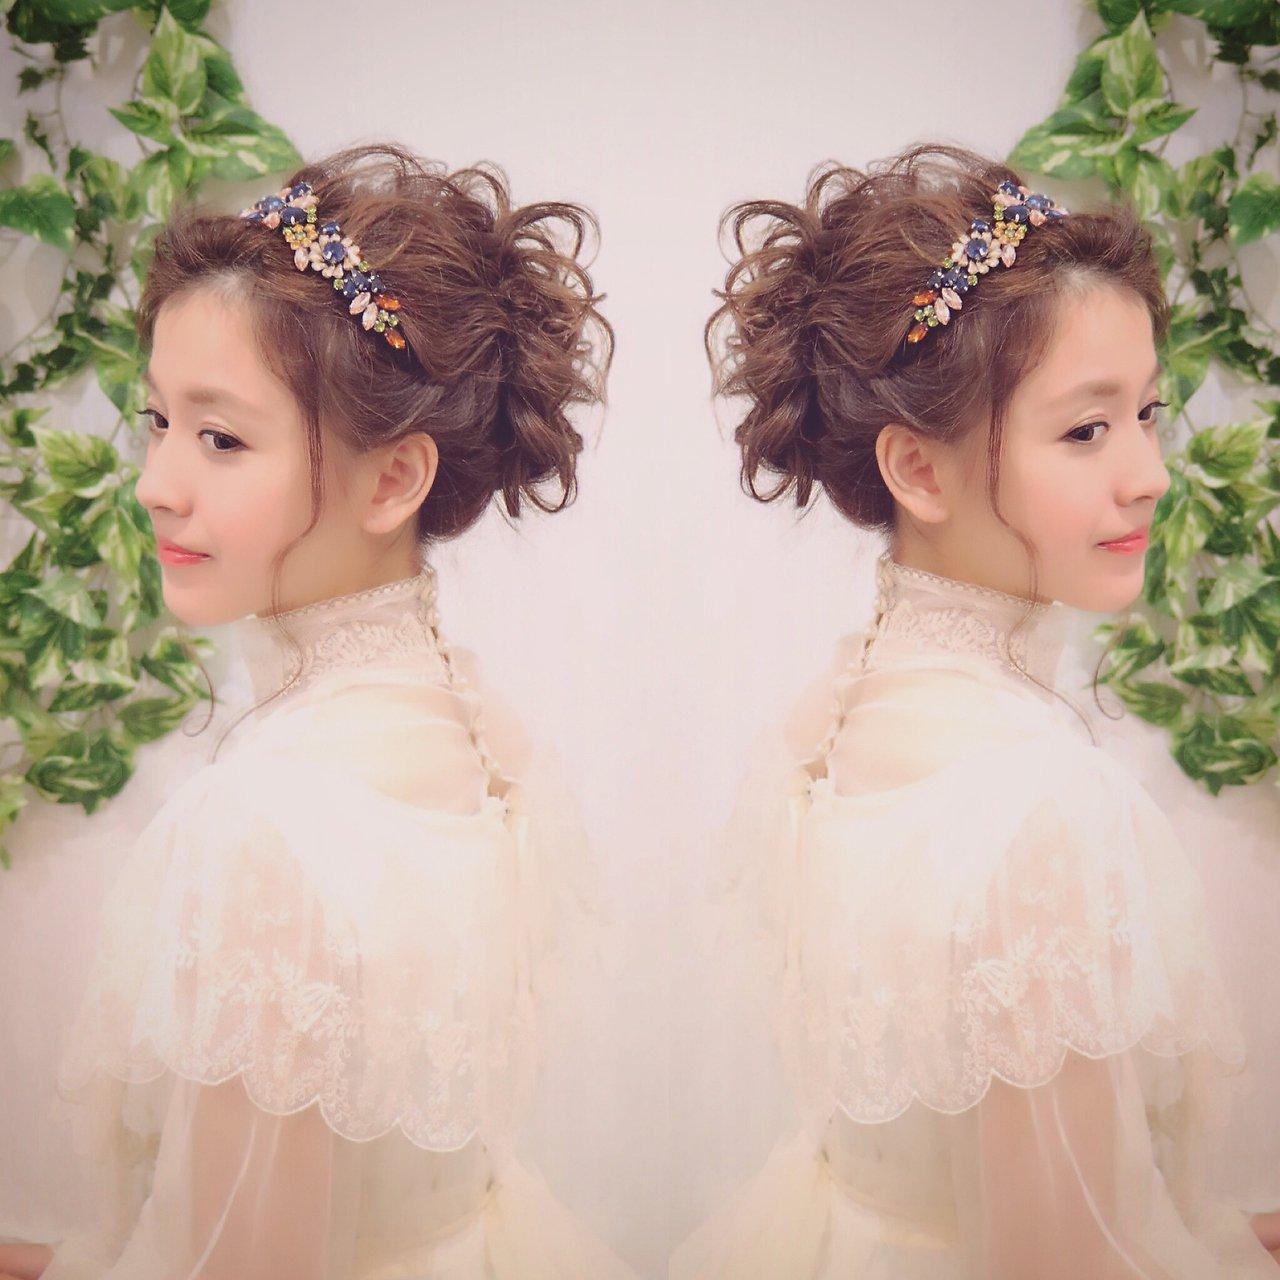 あなたが主役のウェディング♡【挙式スタイル別・世界一の花嫁になるための髪型】